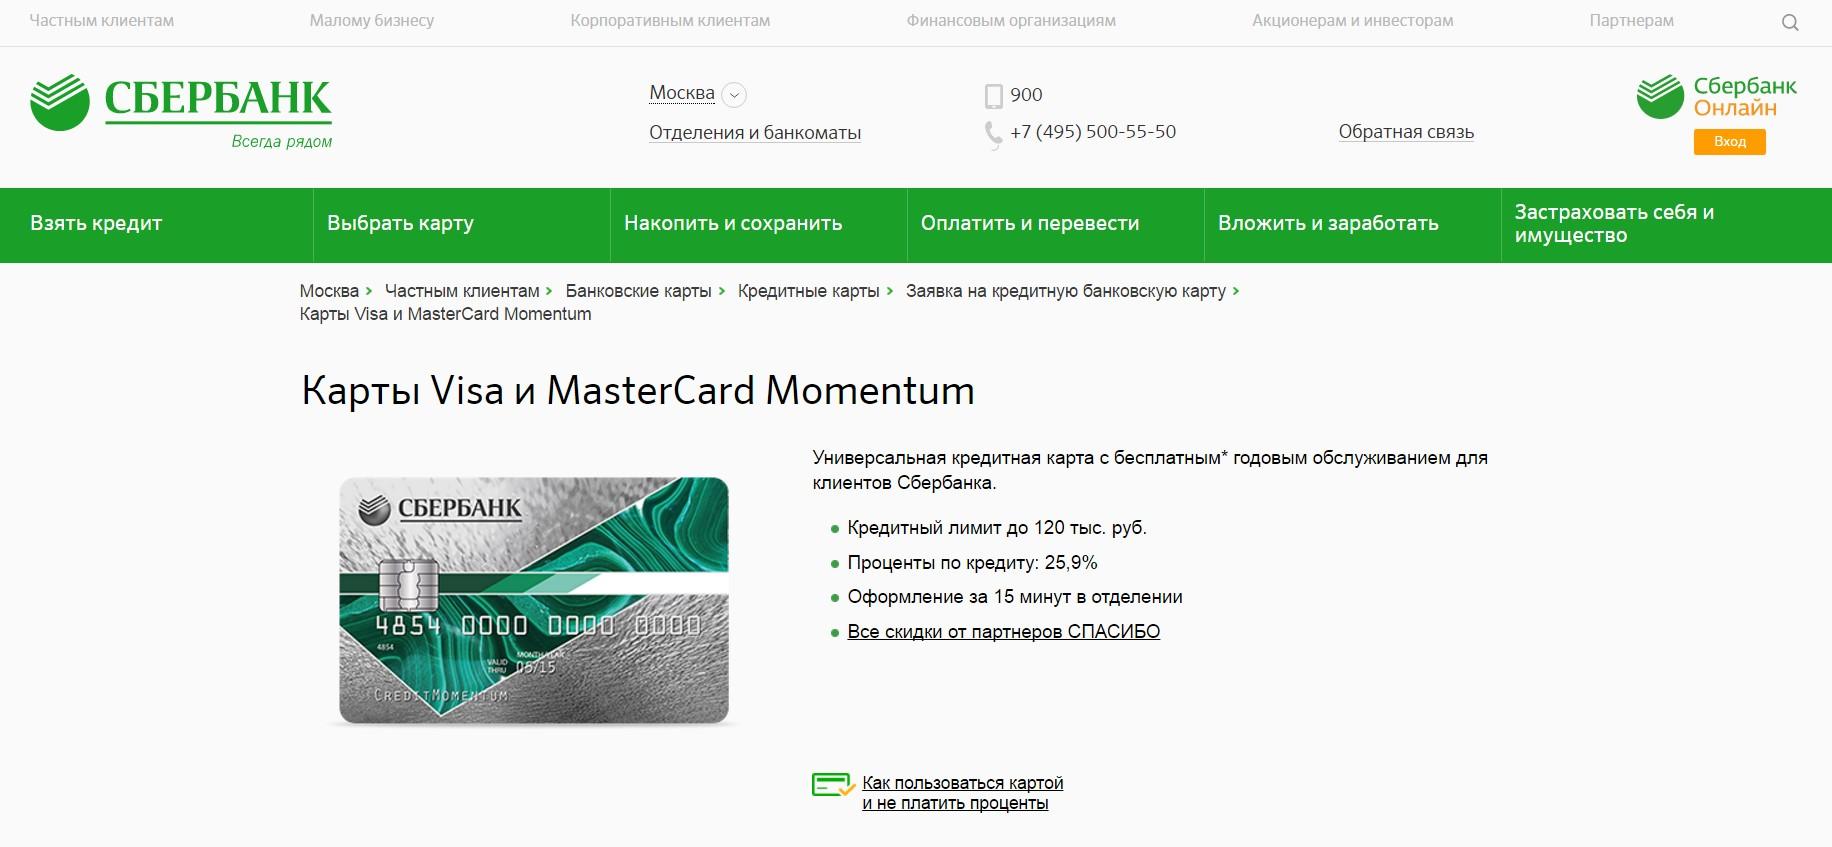 Карты Visa и MasterCard Momentum